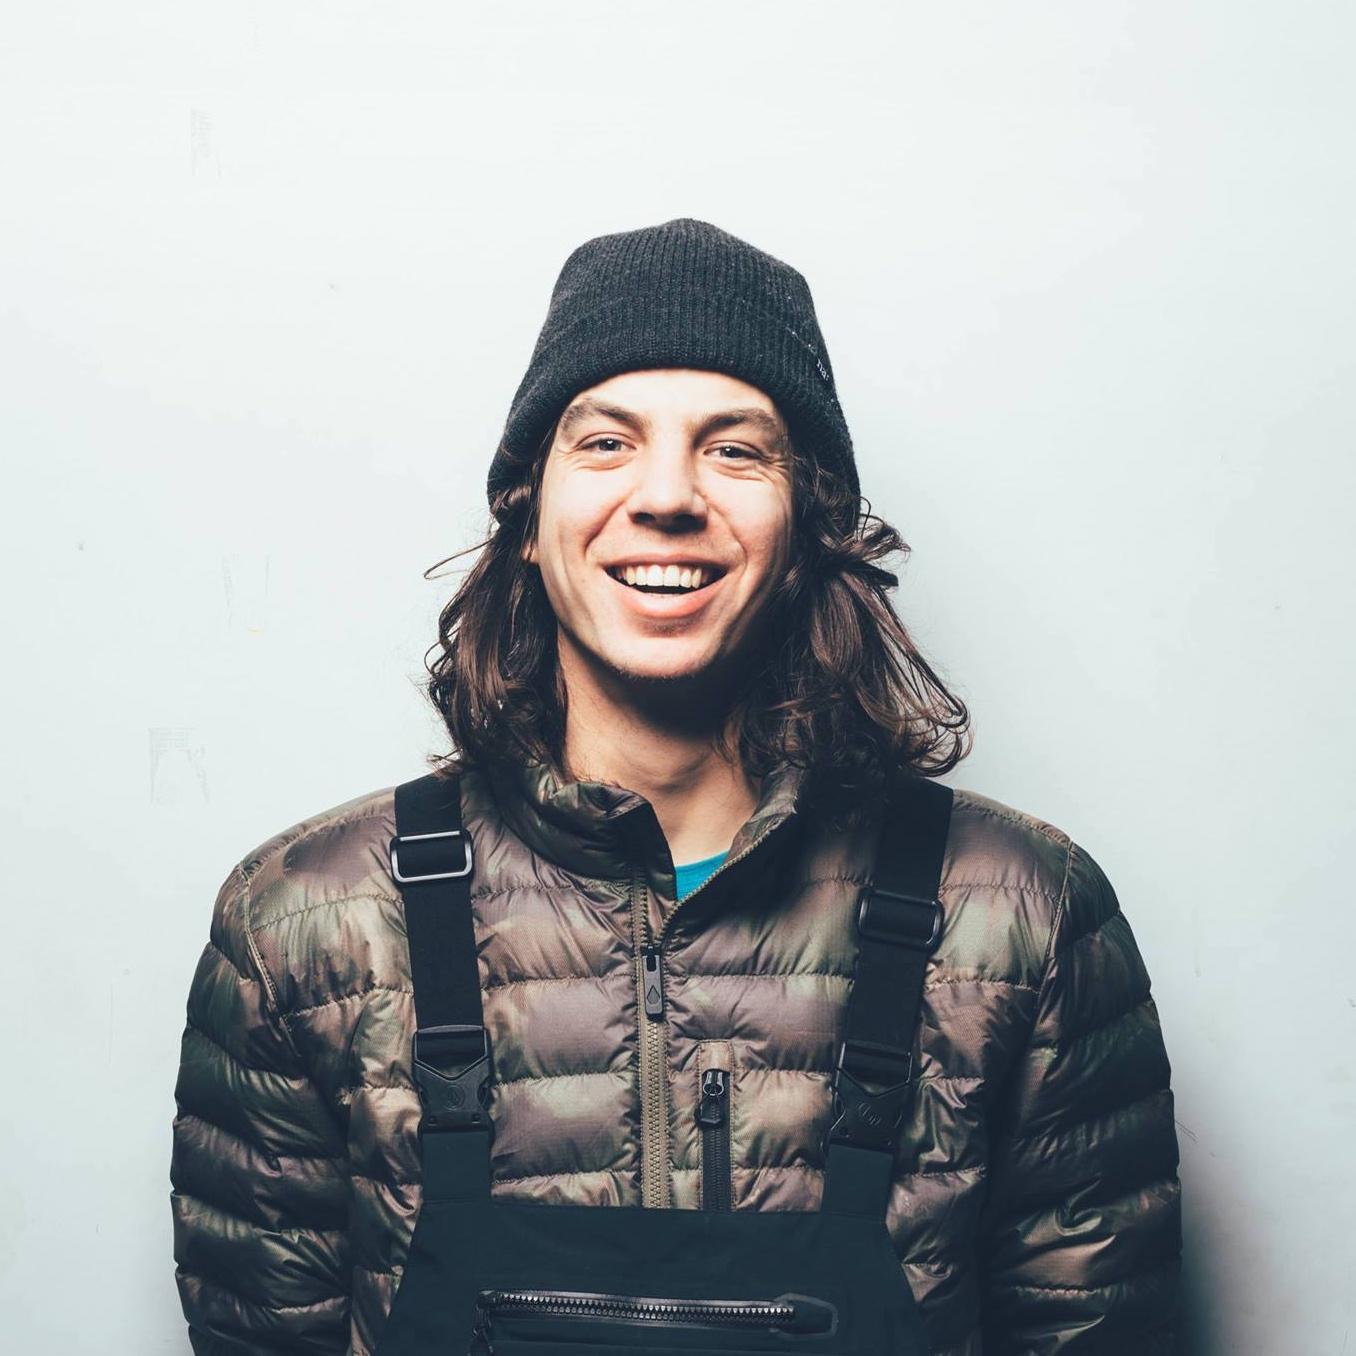 Levi Luggen   Levi a commencé le snowboard à l'âge de 6 ans. Après avoir fait des compétitions durant quelques années, il fait le saut vers la photographie et le tournage de films au niveau international. Les tournages avaient souvent lieu dans des pays éloignés mais ces dernières années il est devenu de plus en plus souvent possible de tourner en Suisse. Afin d'explorer les montagnes locales tout au long de l'hiver et de protéger l'environnement et le climat, Mat Schaer et Levi travaillent sur un projet de film dans lequel ils rident uniquement avec le splitboard et voyagent de façon aussi durable que possible. Ce faisant ils montrent également que les plus belles montagnes sont souvent celles qui se trouvent à notre porte.   Instagram